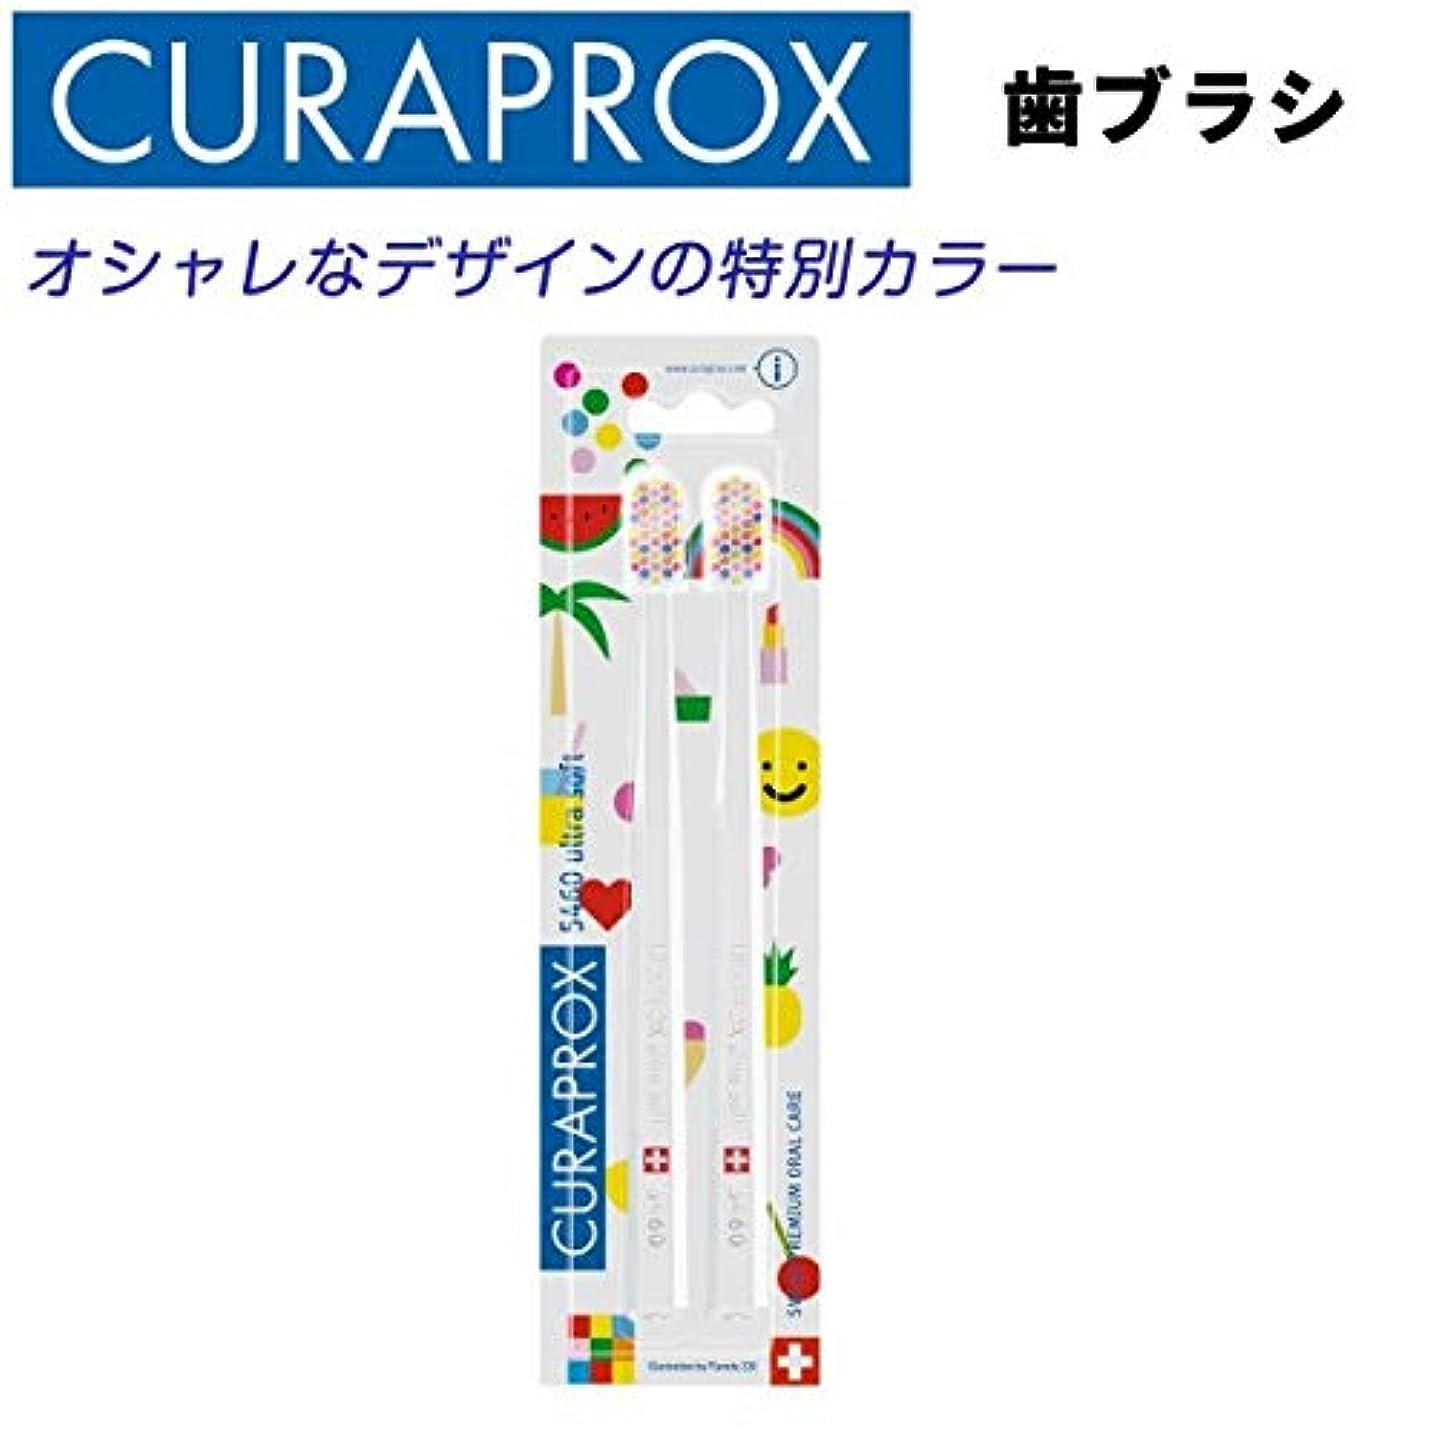 画面覚えているルーキークラプロックス 歯ブラシ CS5460 POP-ARTエディション 幾何学柄 二本セット